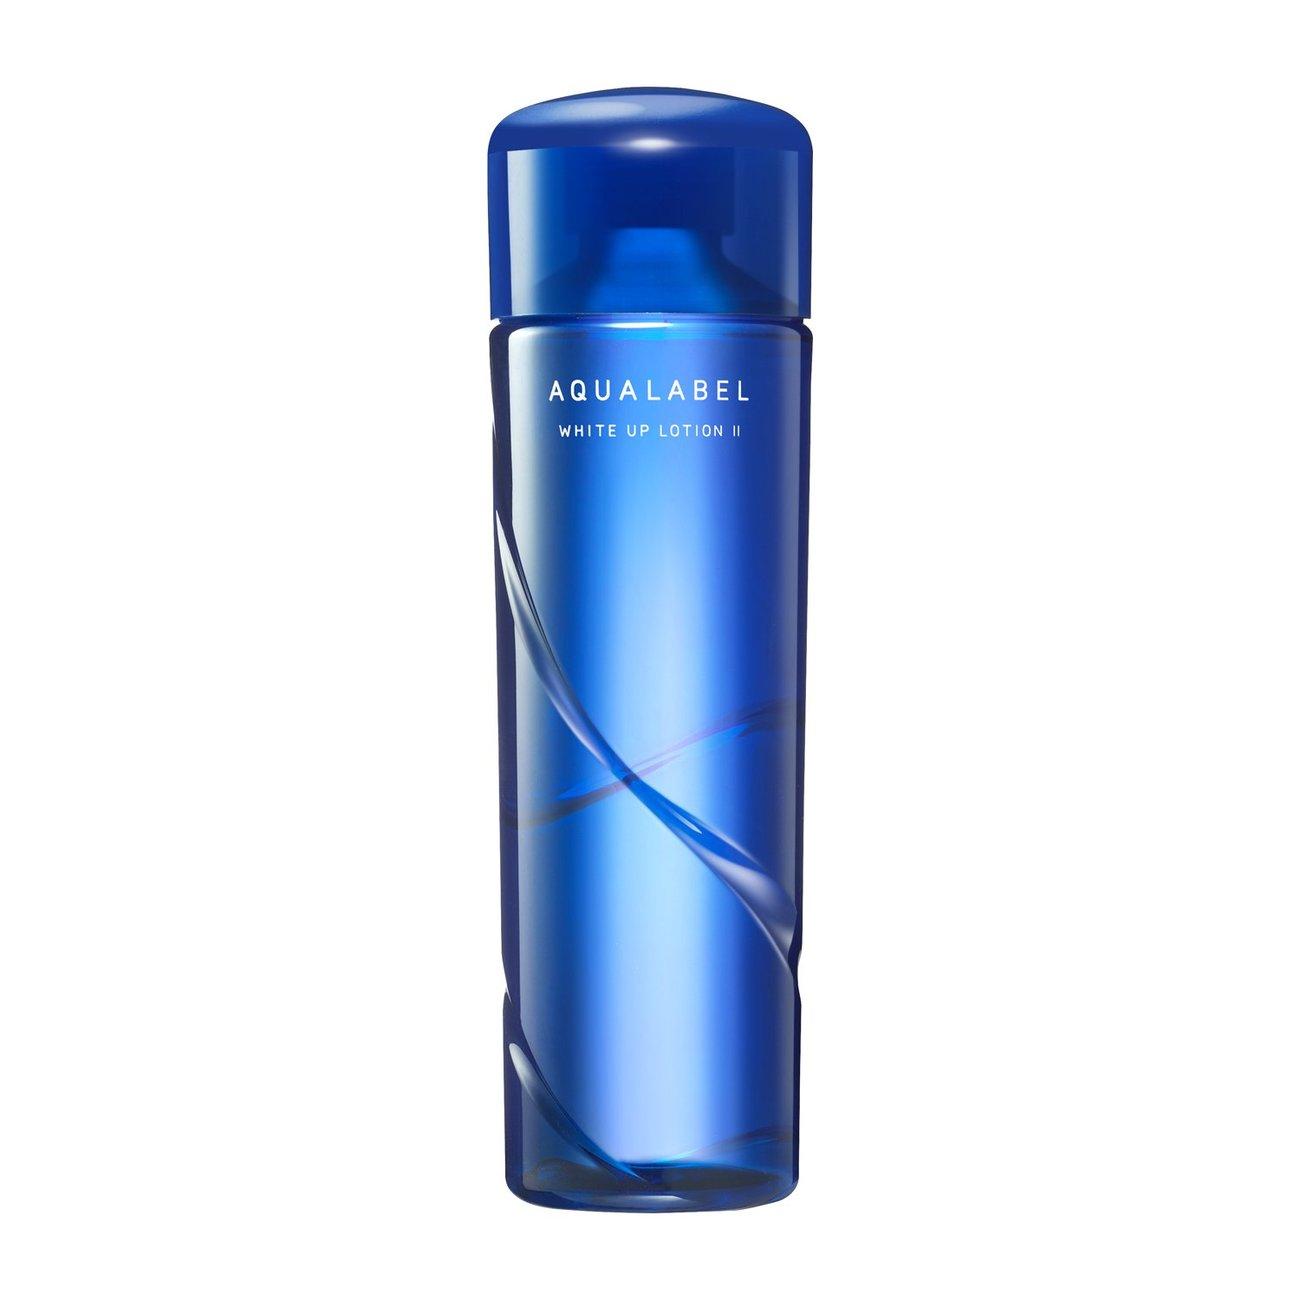 AQUALABEL(アクアレーベル) ホワイトアップ ローション 保湿・美白化粧水